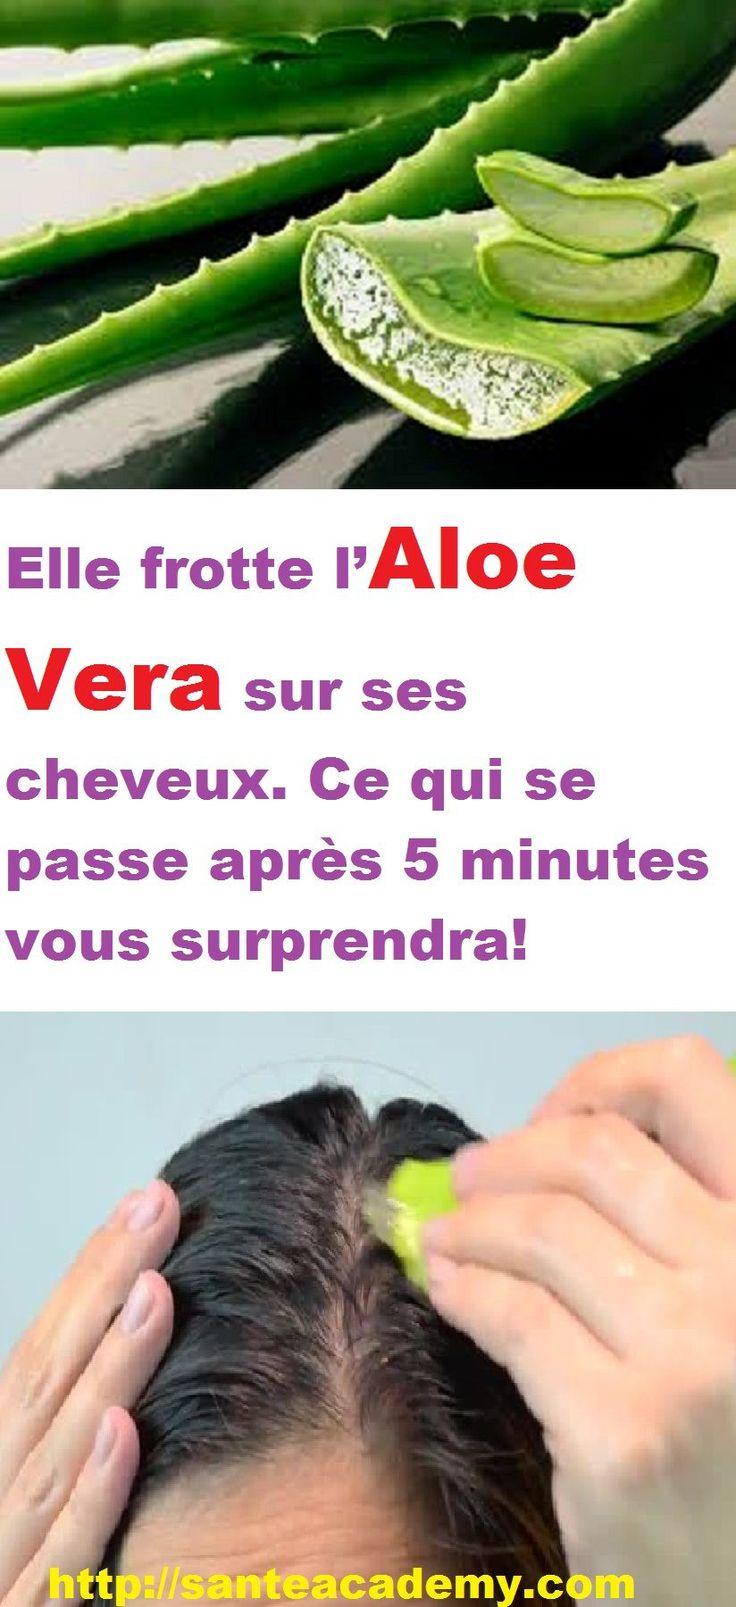 Elle frotte l'Aloe Vera sur ses cheveux. Ce qui se passe après 5 minutes vous surprendra!